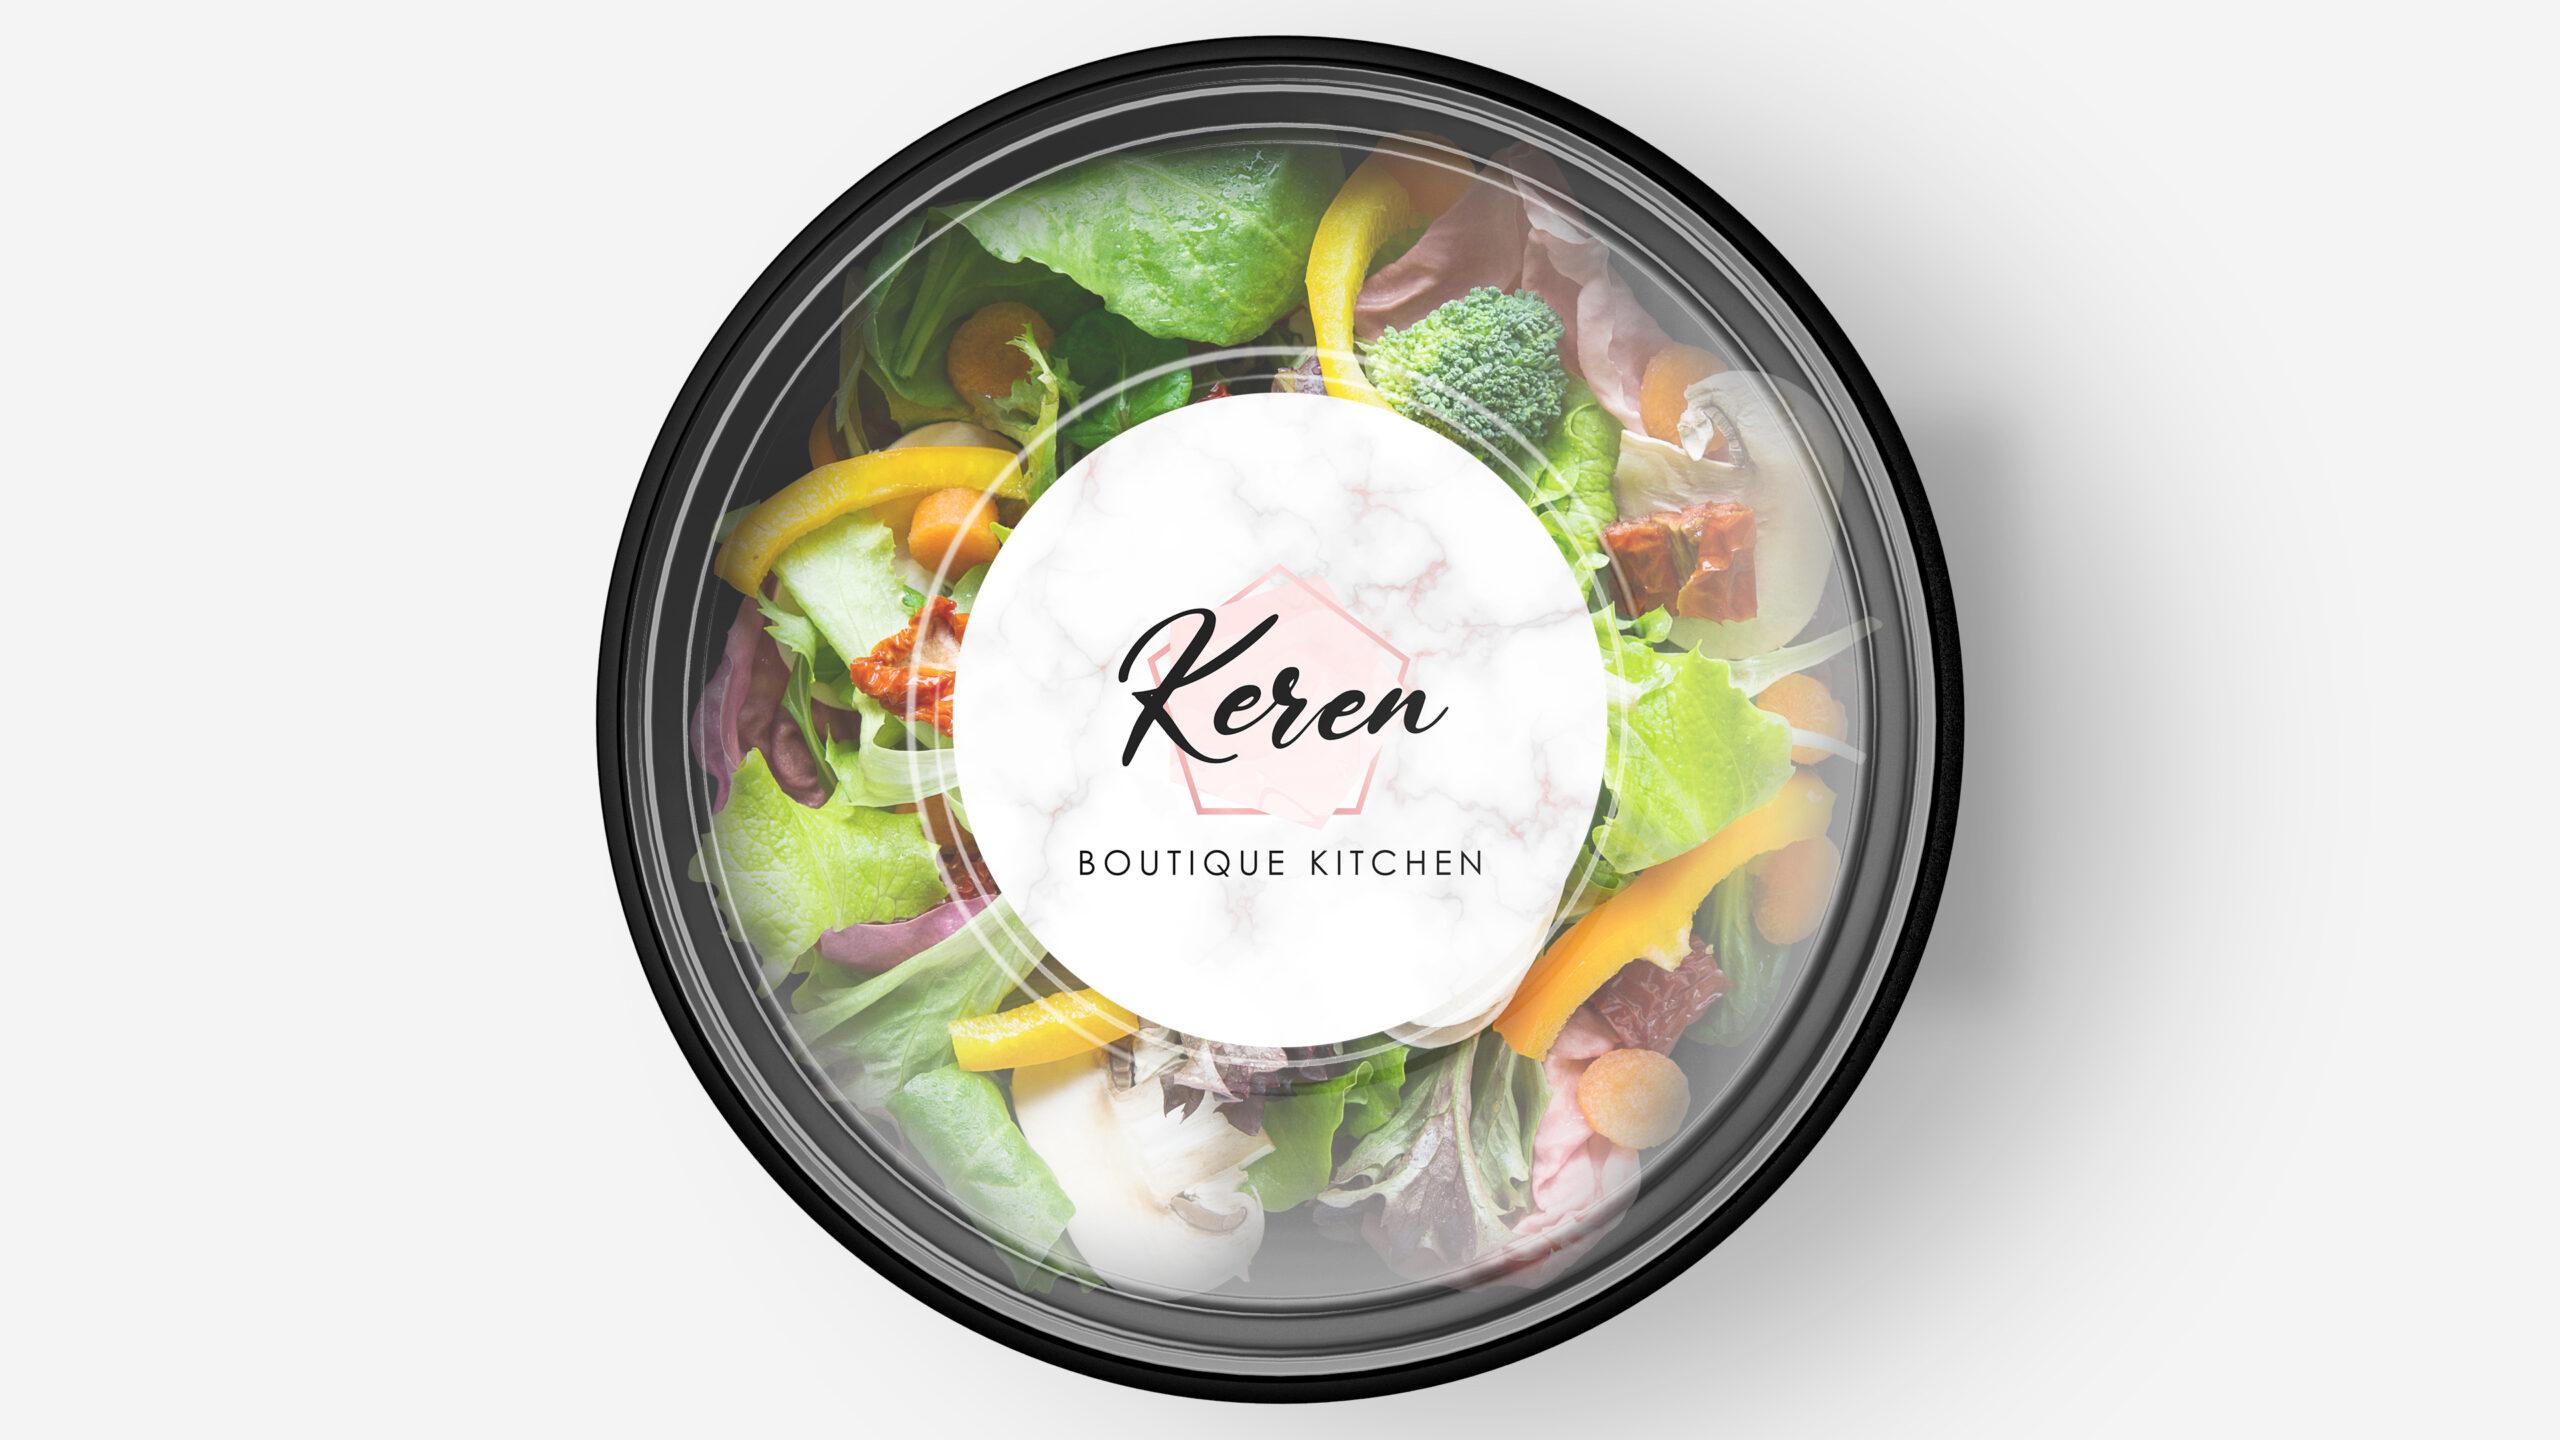 עיצוב לוגו לבישול ביתי